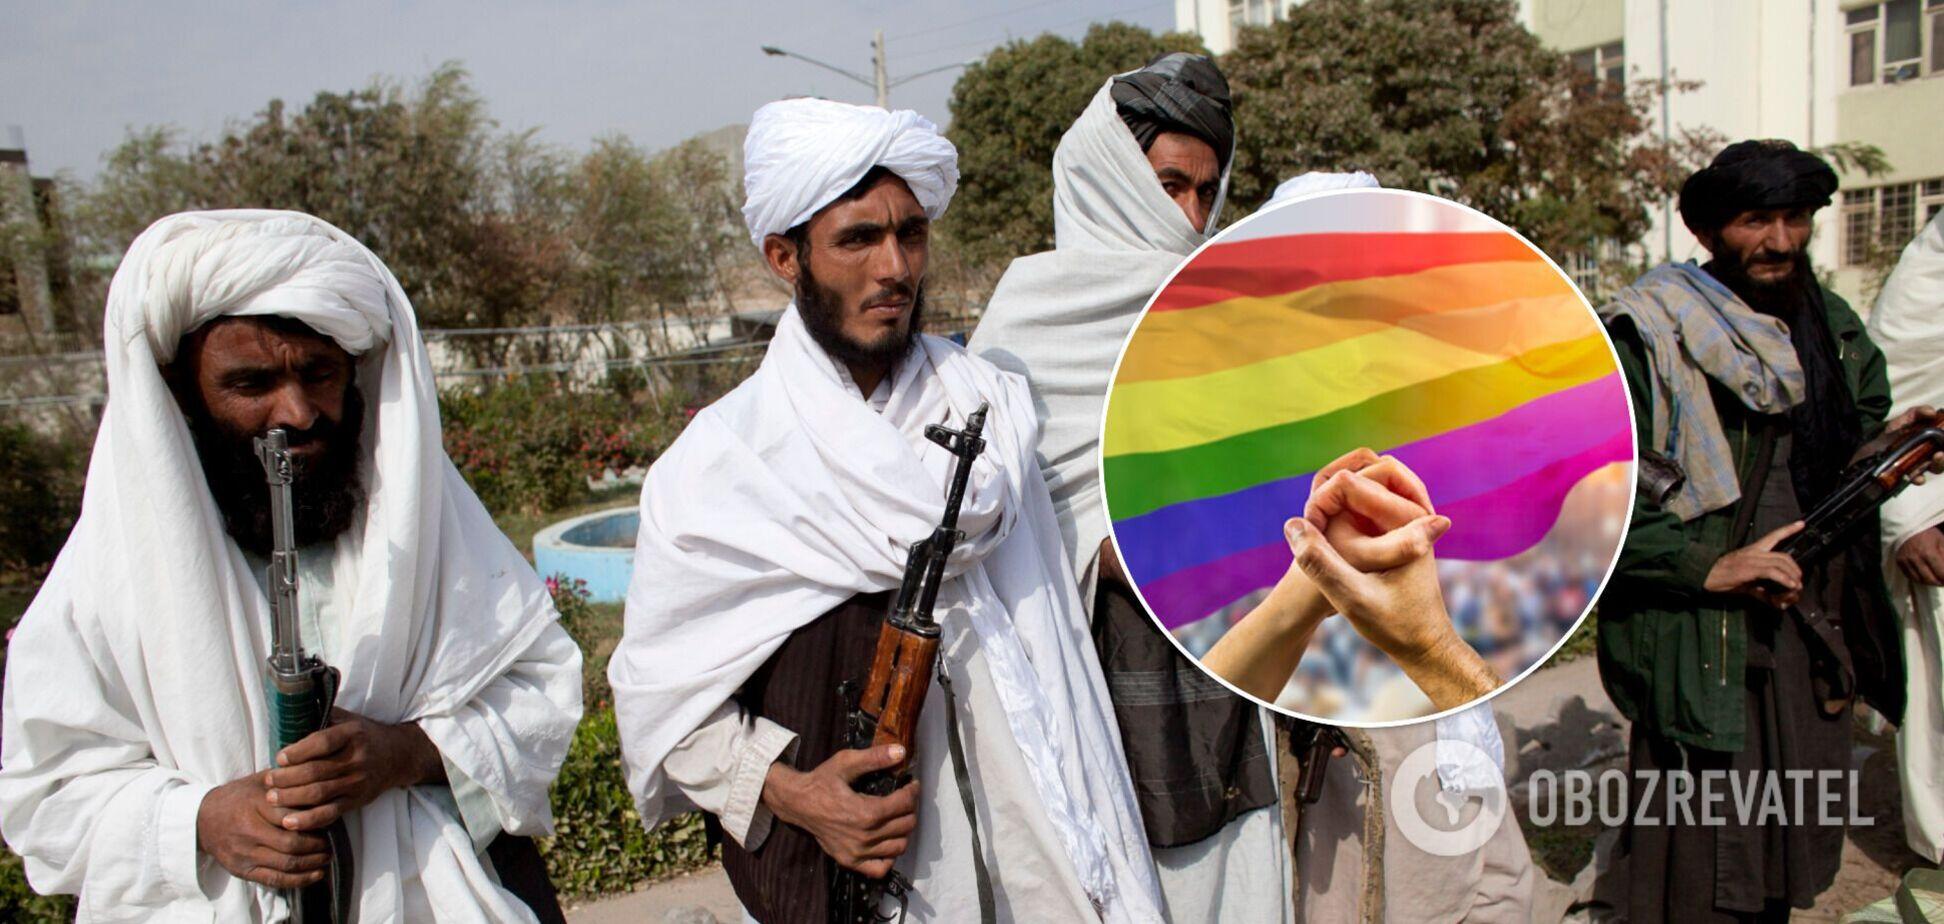 Представник ЛГБТ – про життя в Афганістані за талібів: можуть вбити, не сходячи з місця